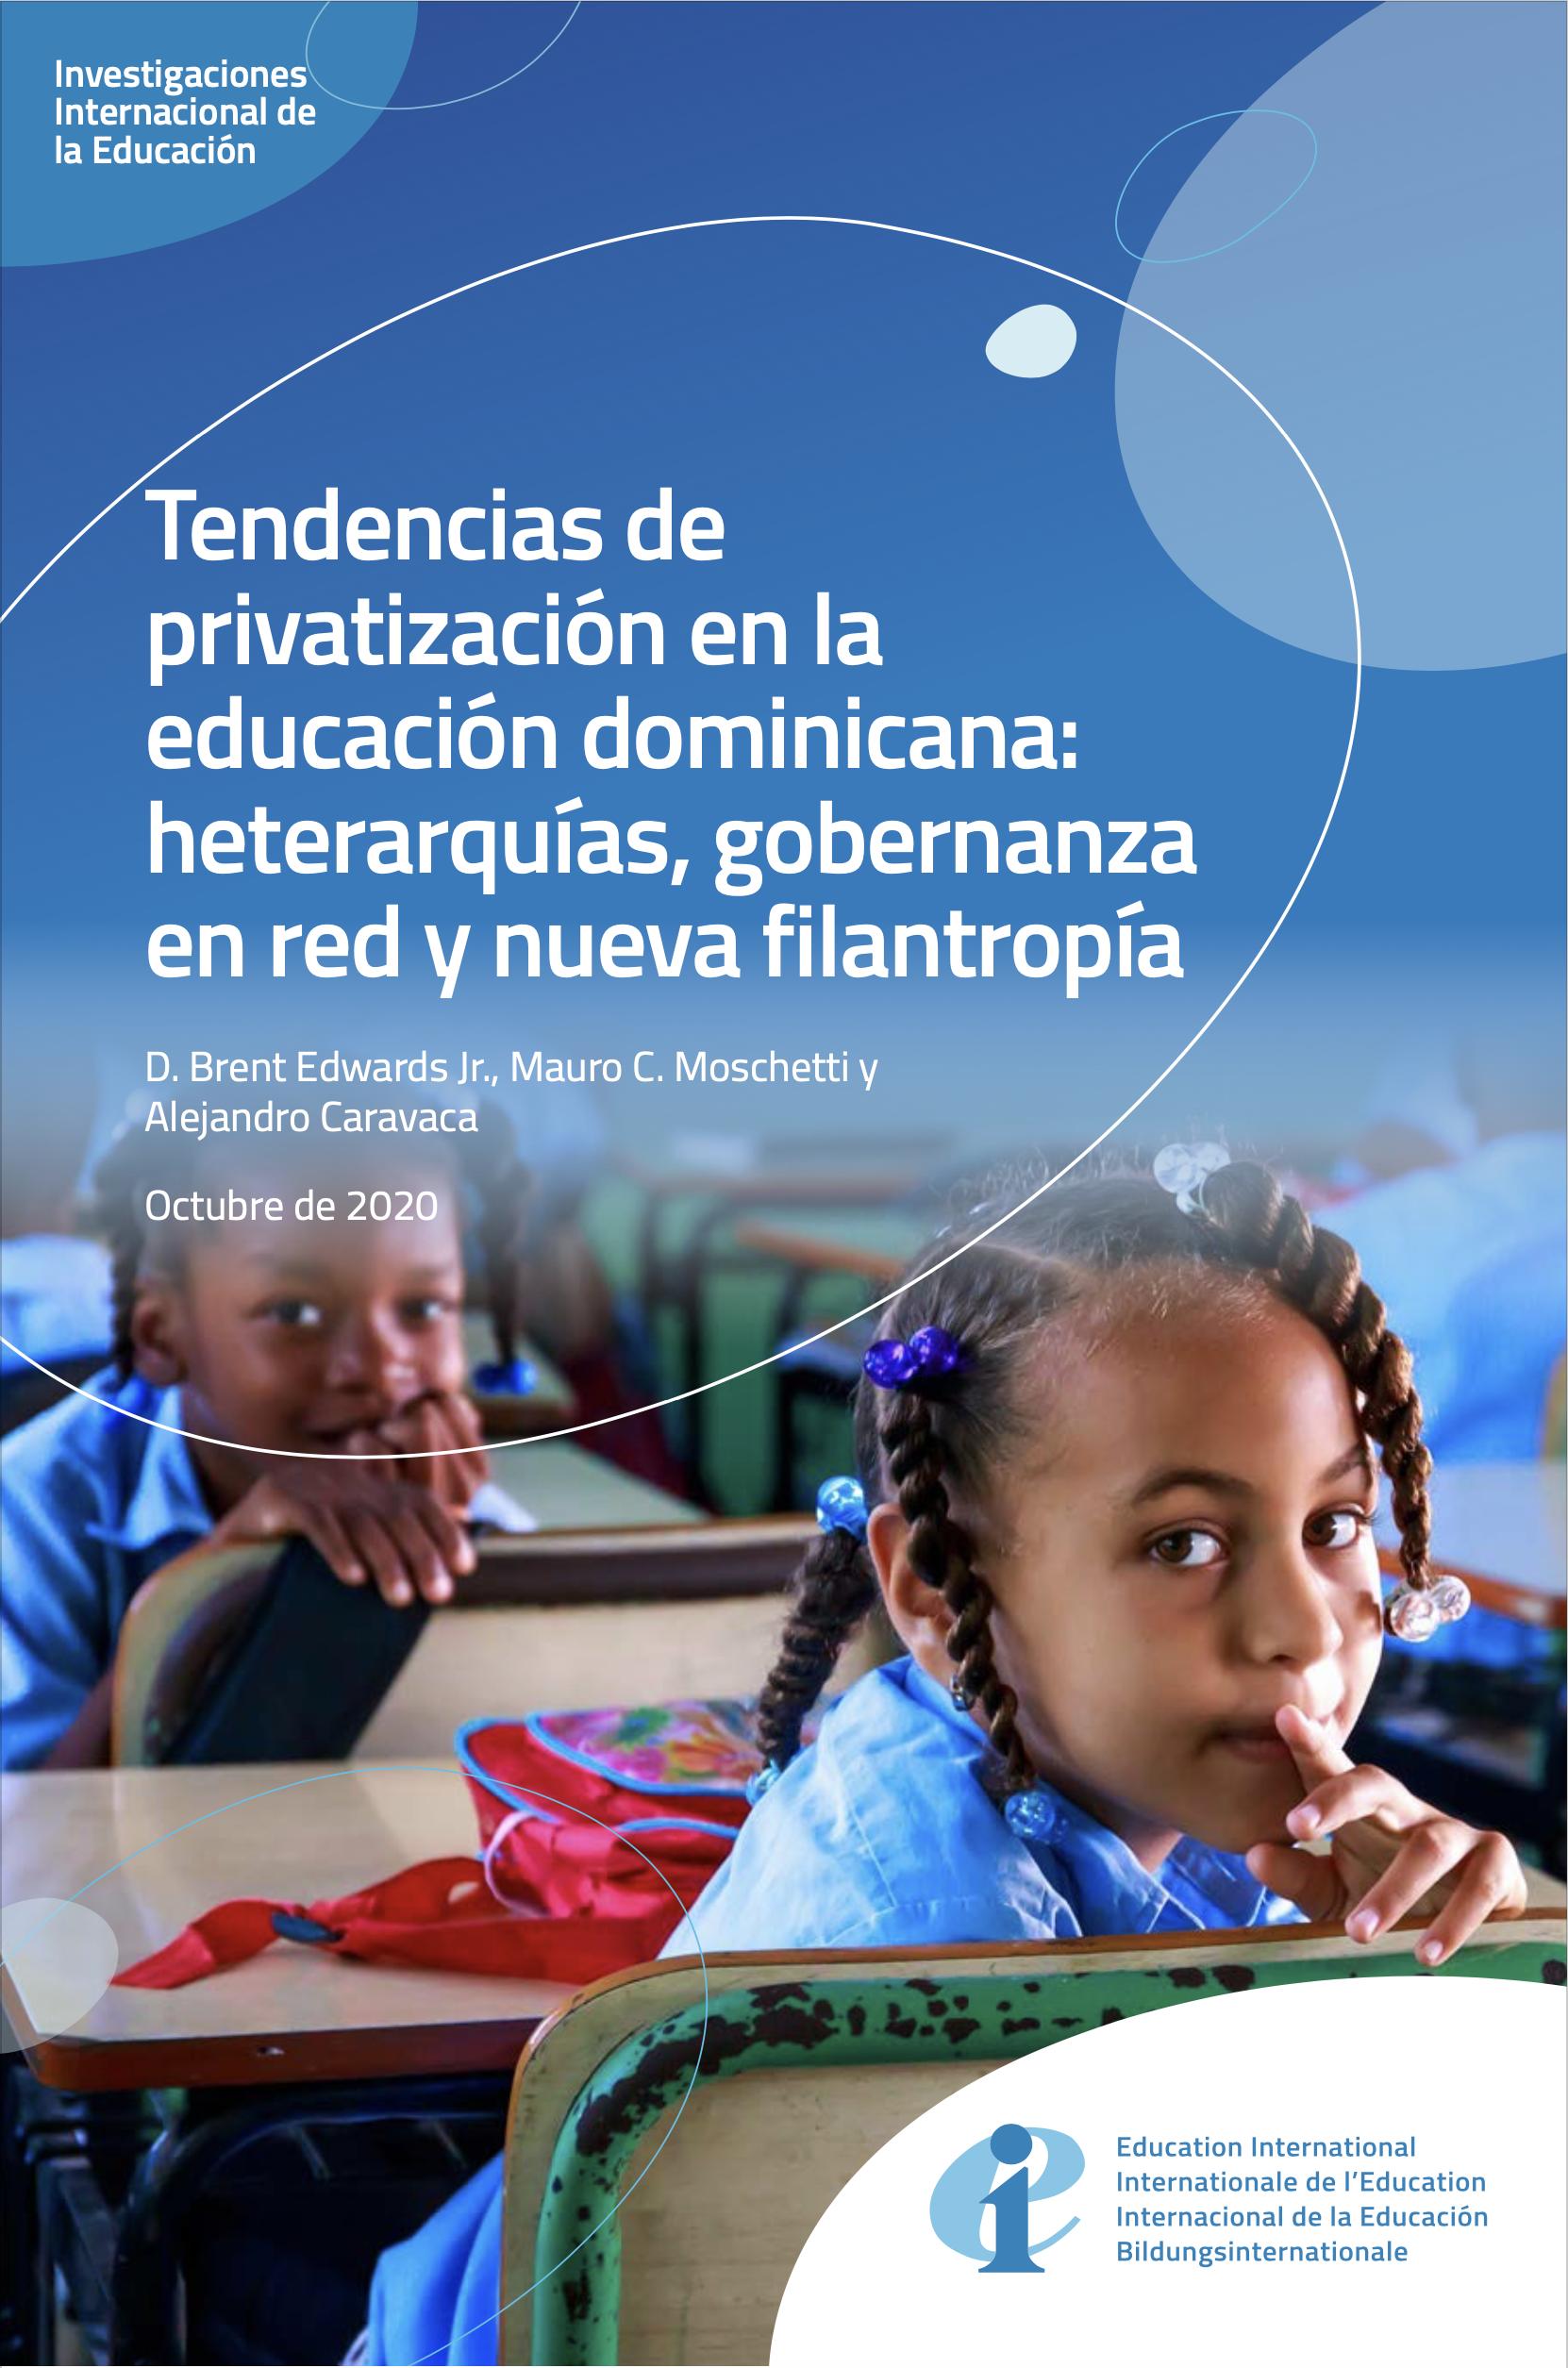 Tendencias de privatización en la educación dominicana